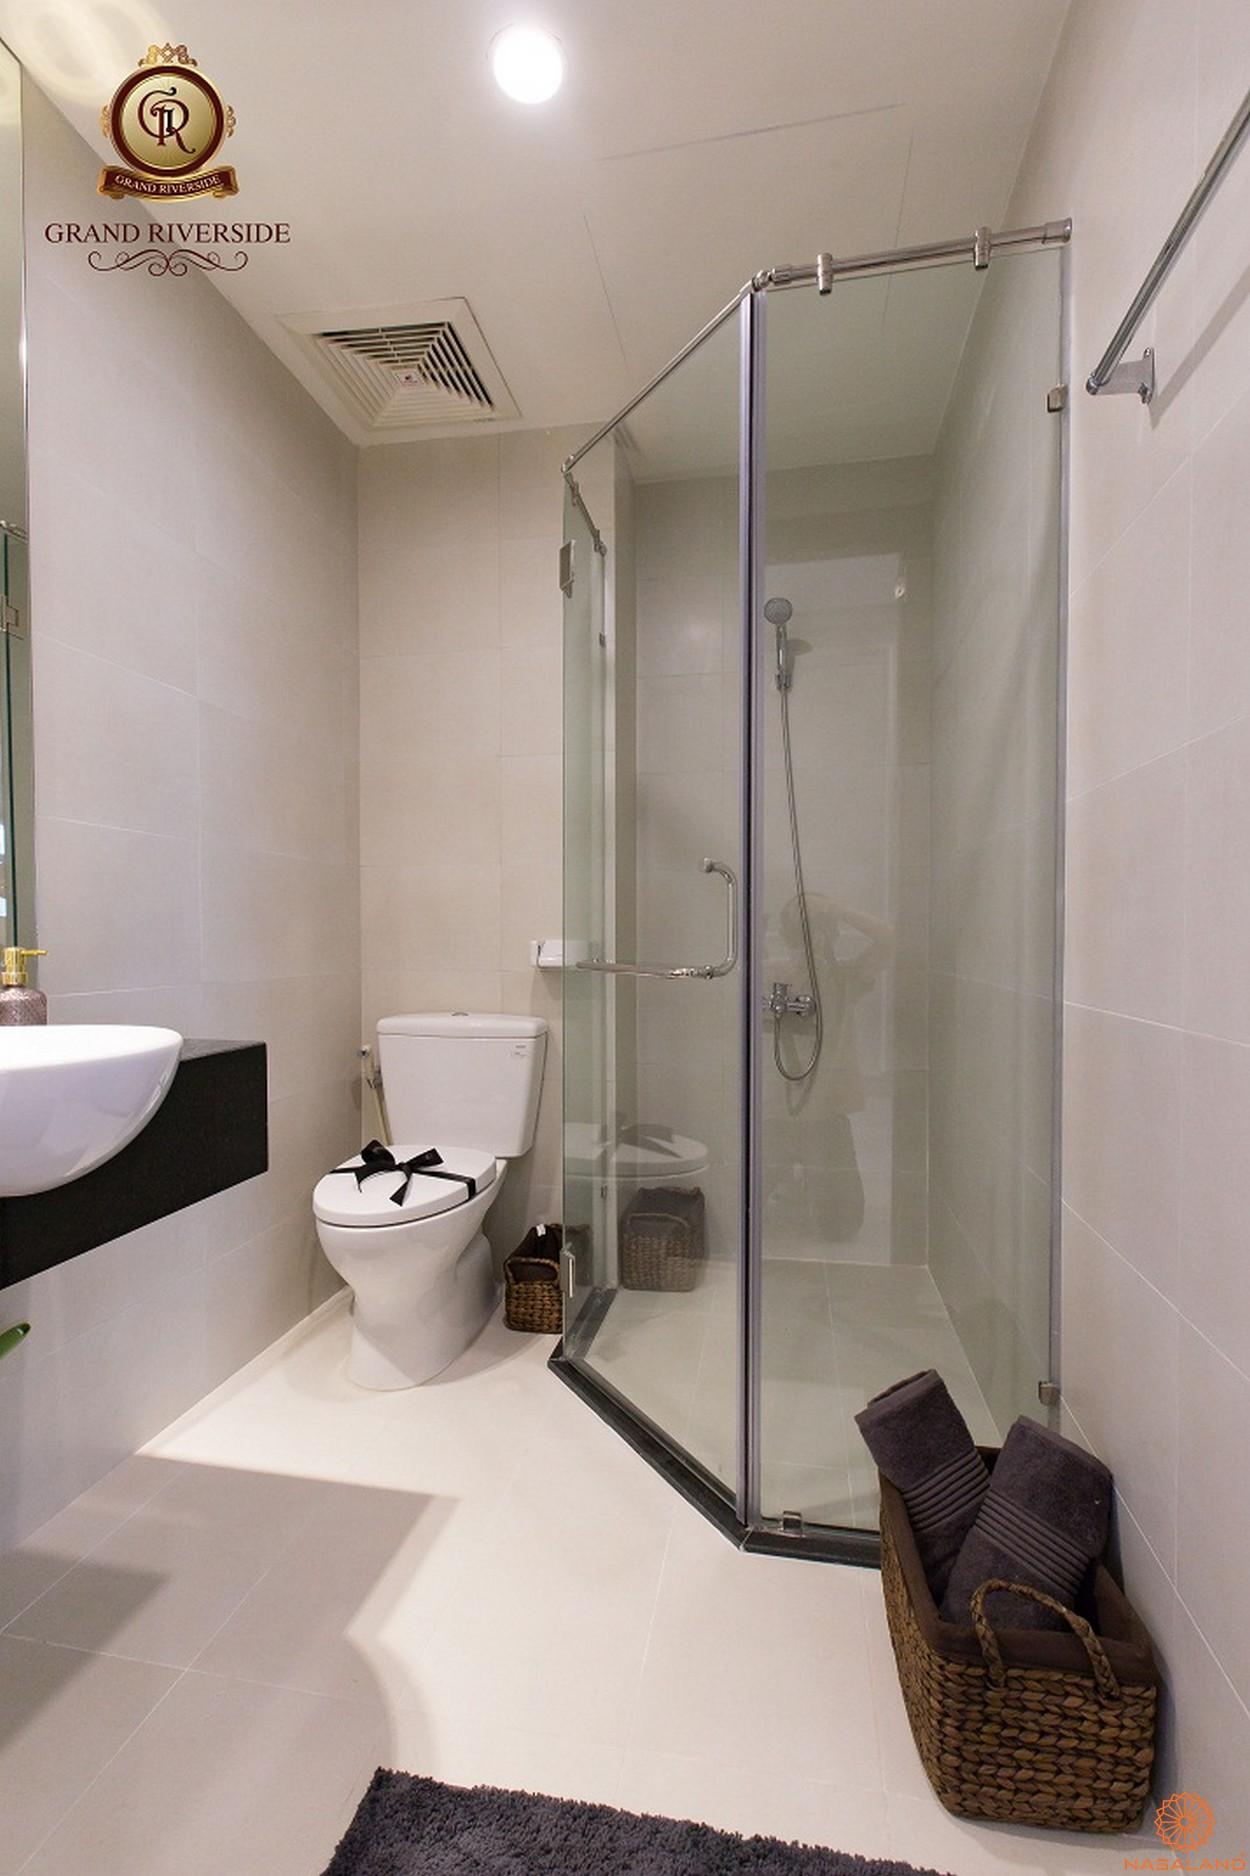 Nhà mẫu phòng tắm căn hộ Grand Riverside quận 4